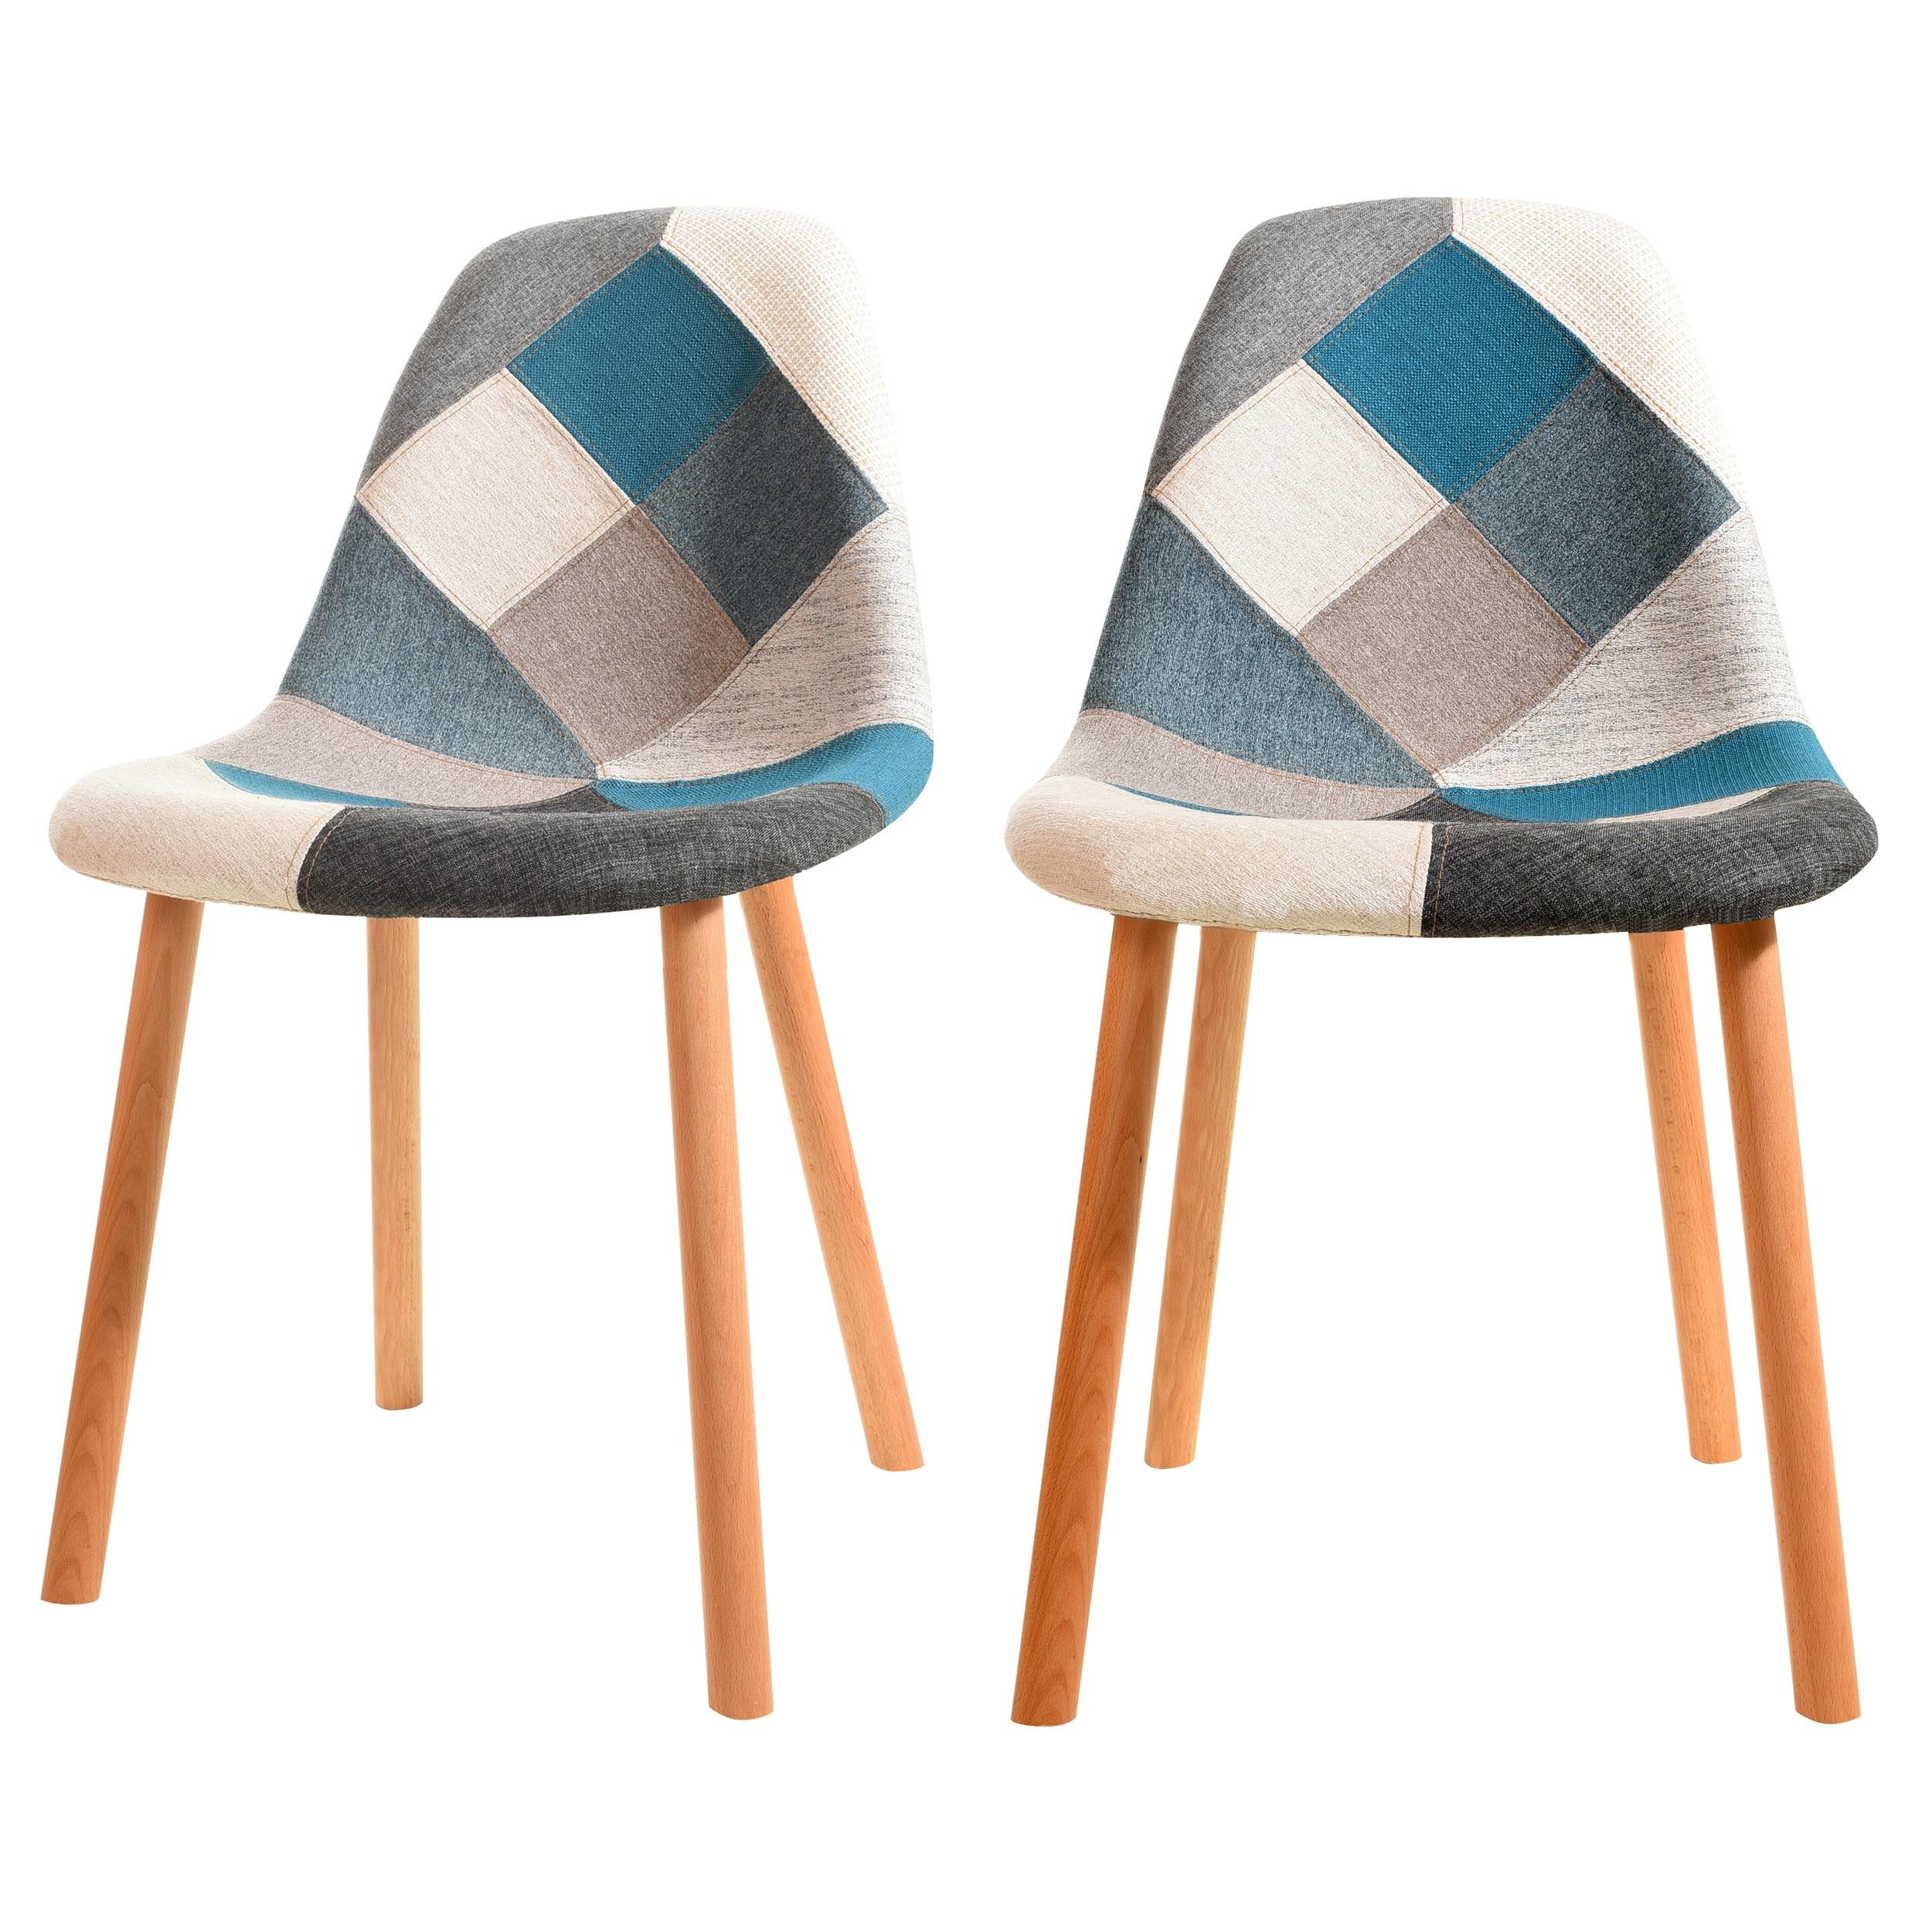 acheter chaise scandi bleu design lot de 2